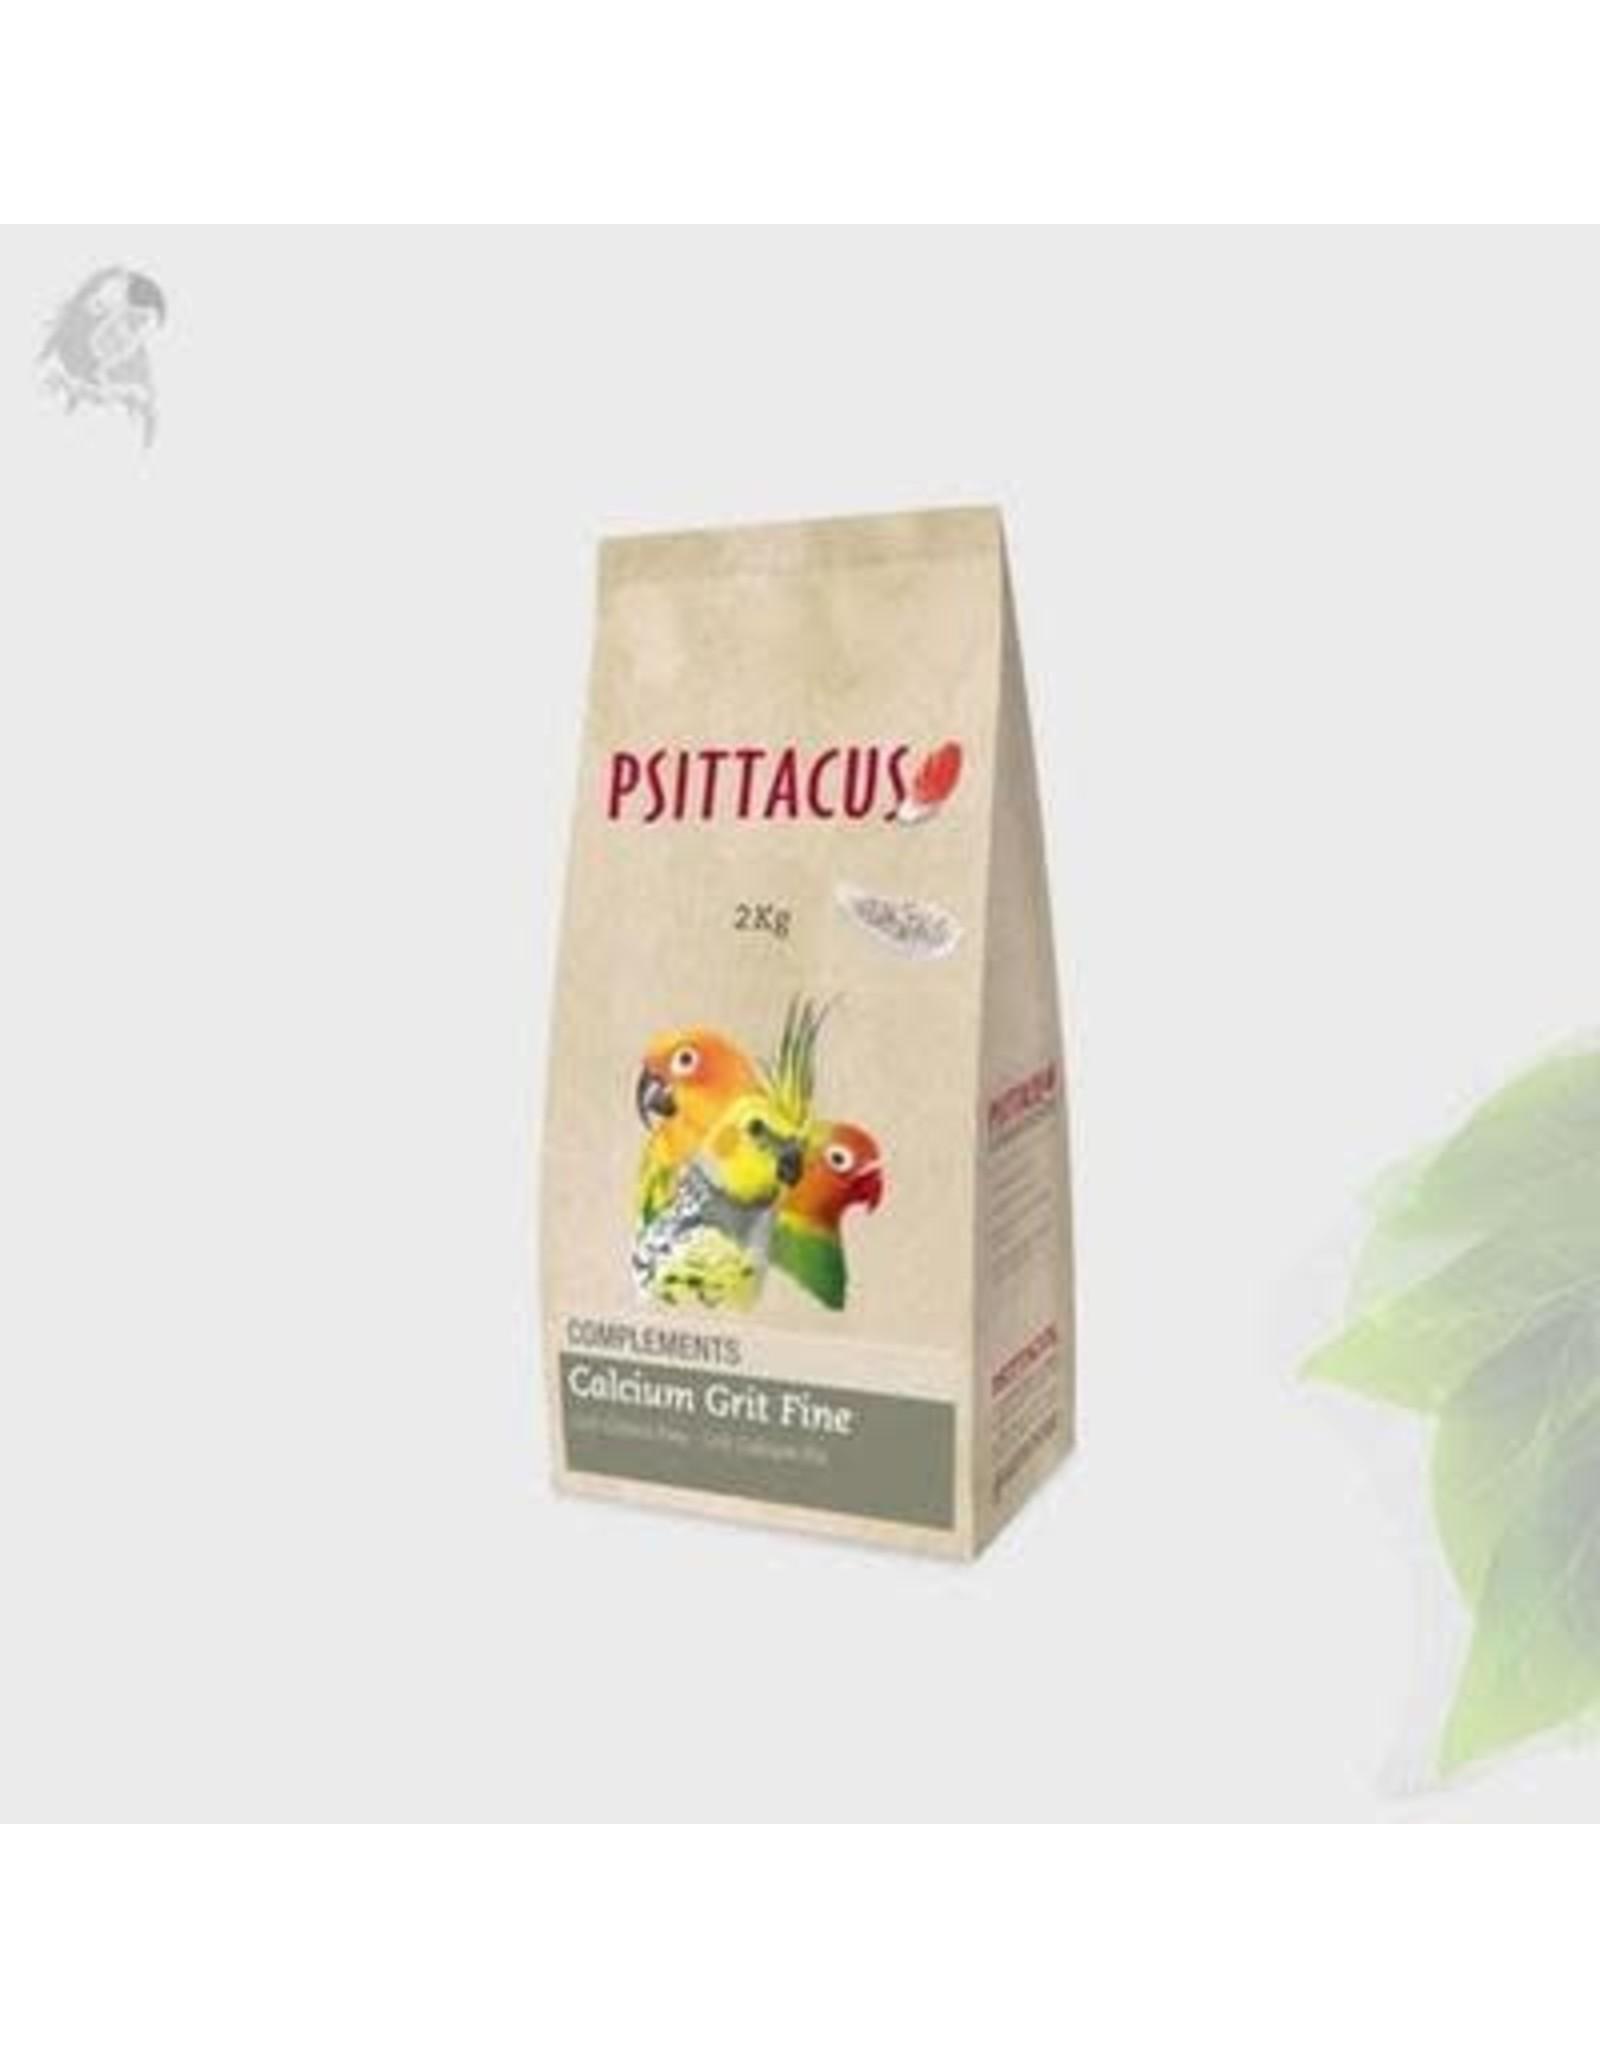 Psittacus Calcium Grit Fine 4lbs